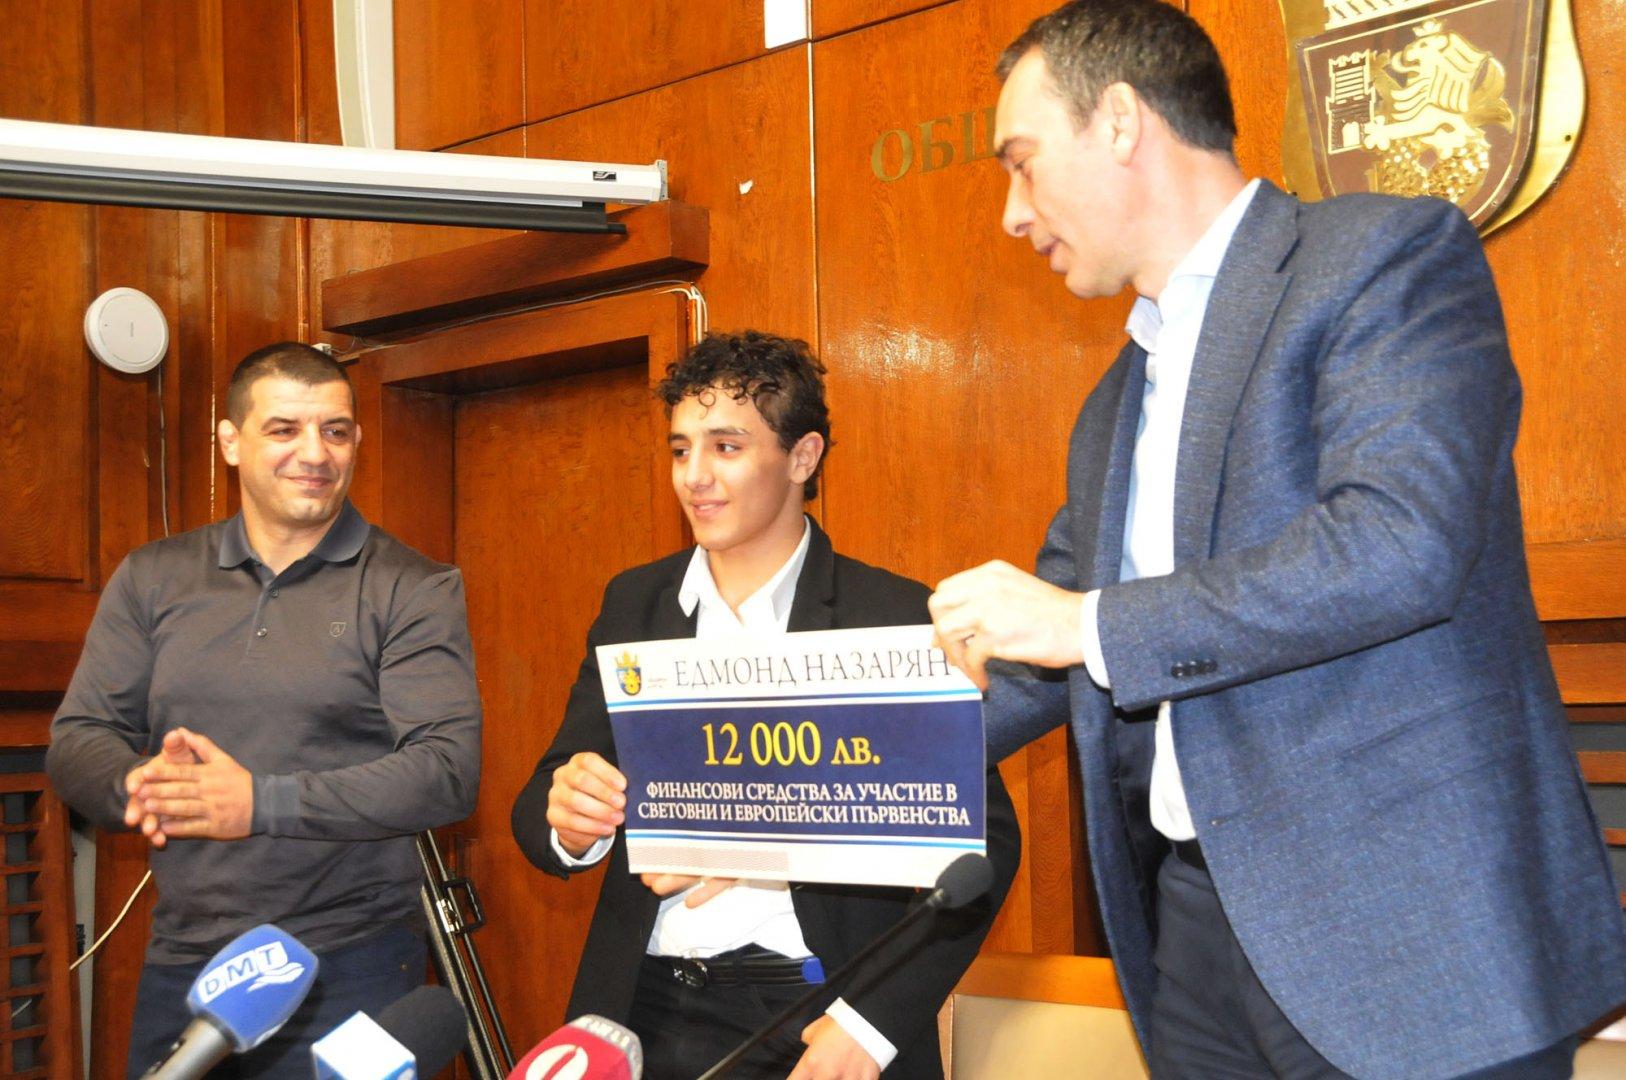 Едмонд Назарян получи финансова подкрепа в размер на 12 000 лева от Община Бургас за подготовката си. Снимки Лина Главинова